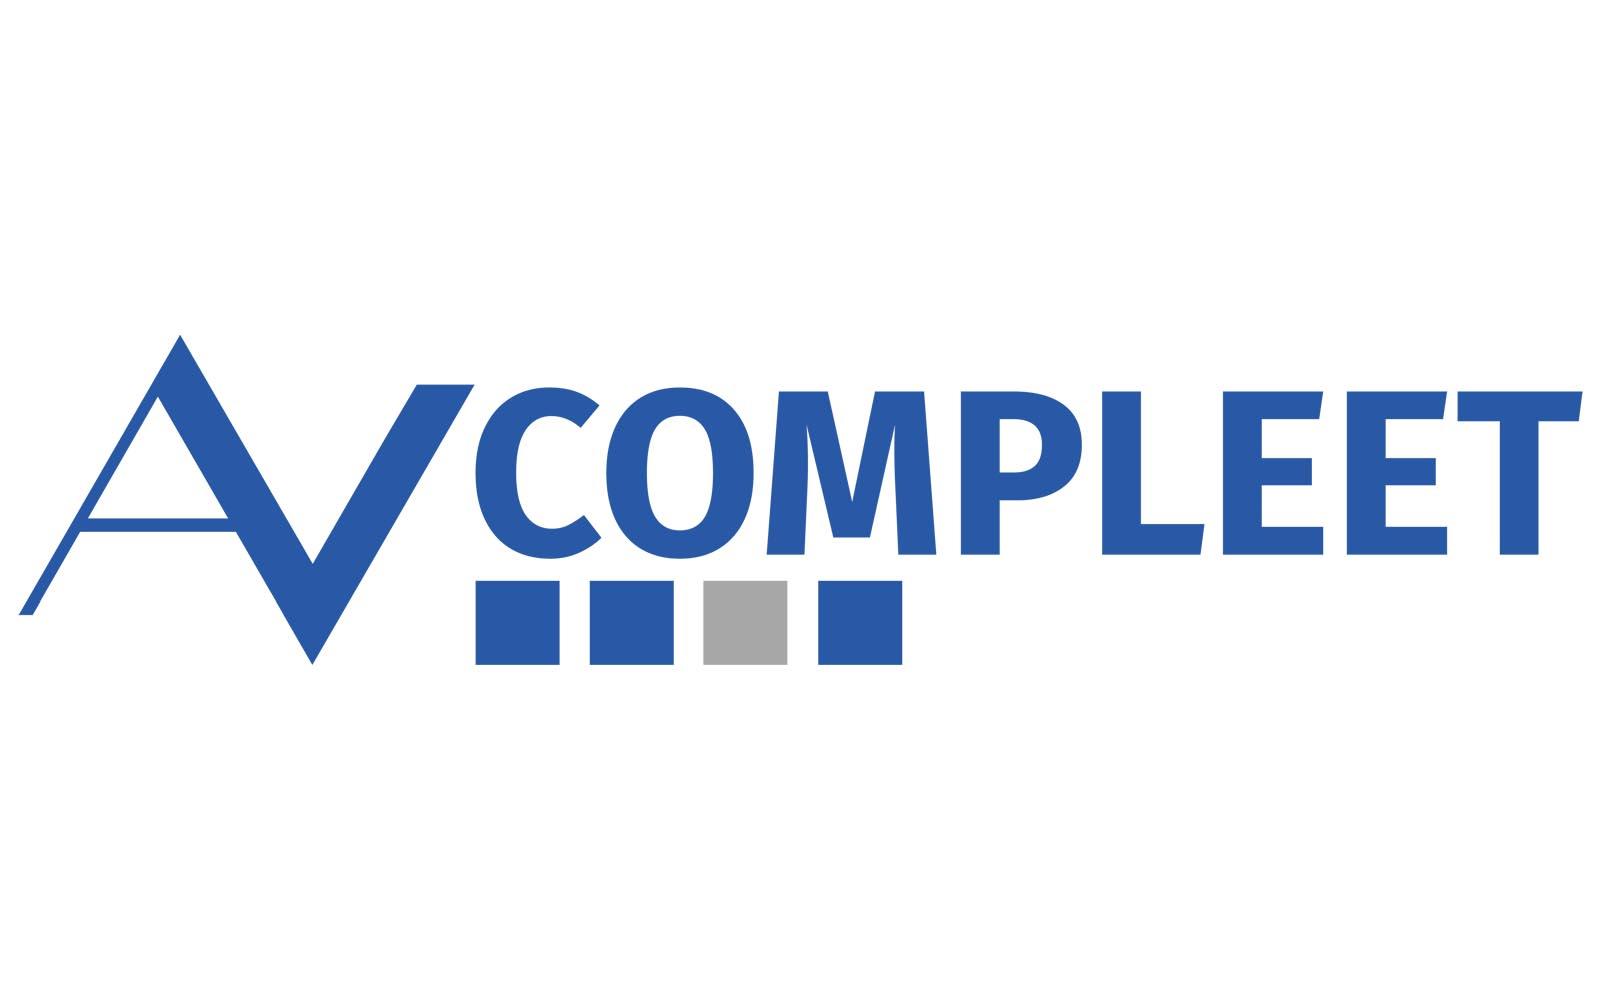 AV Compleet logo